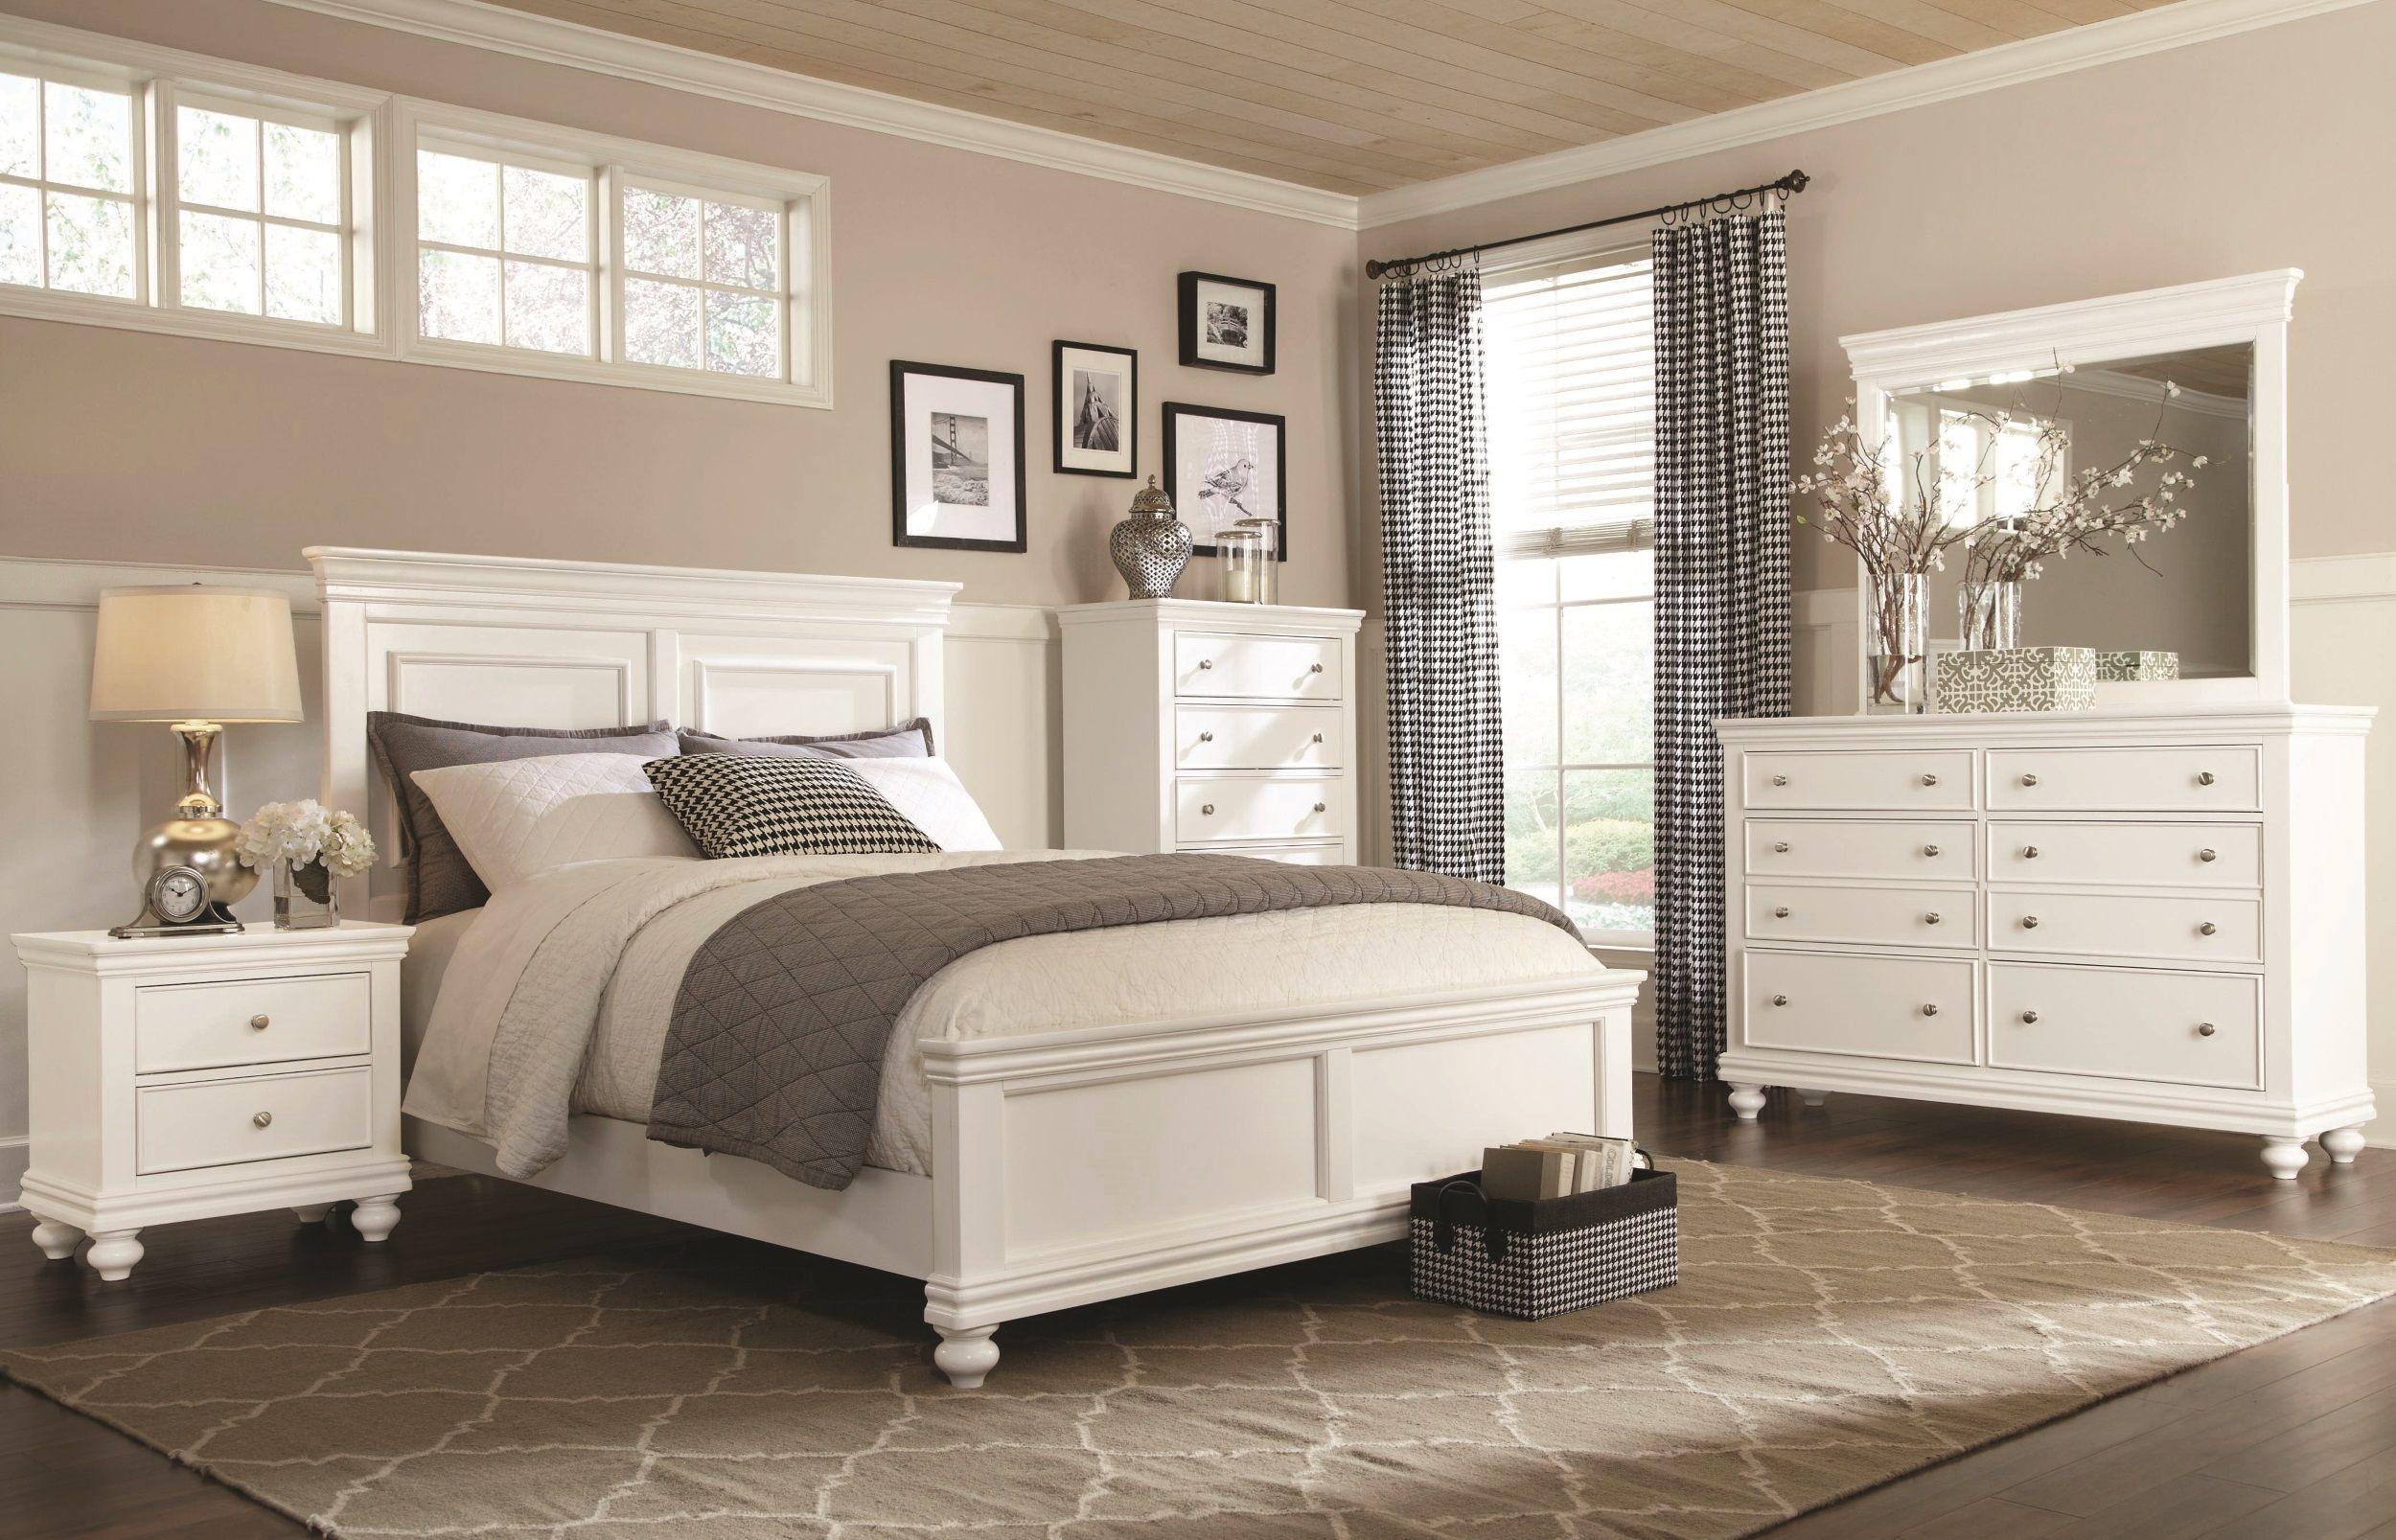 Bedroom Bedroom Bed Beautiful Bedroom Sets King Size Bedroom ...